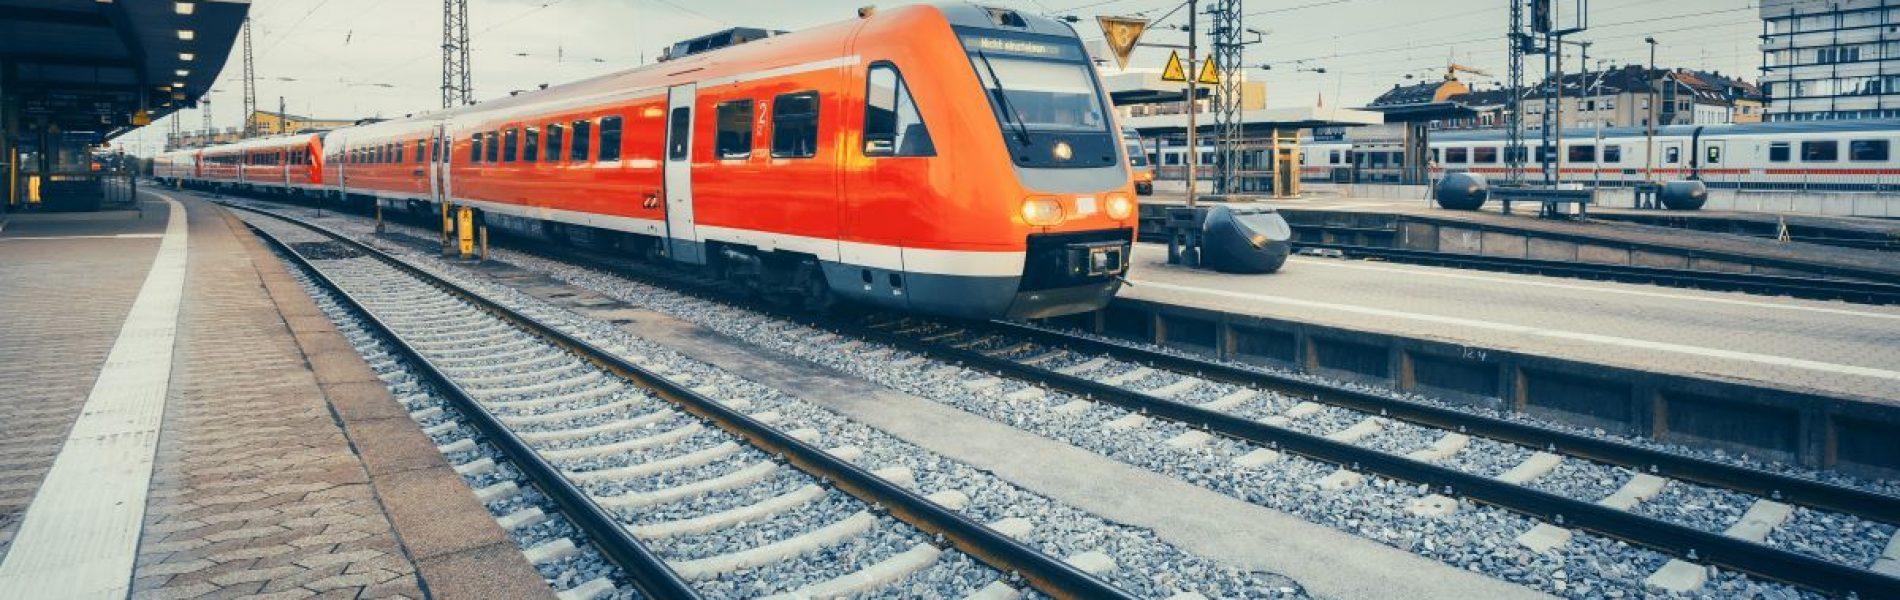 XenomatiX_Railway_Lidar_Market